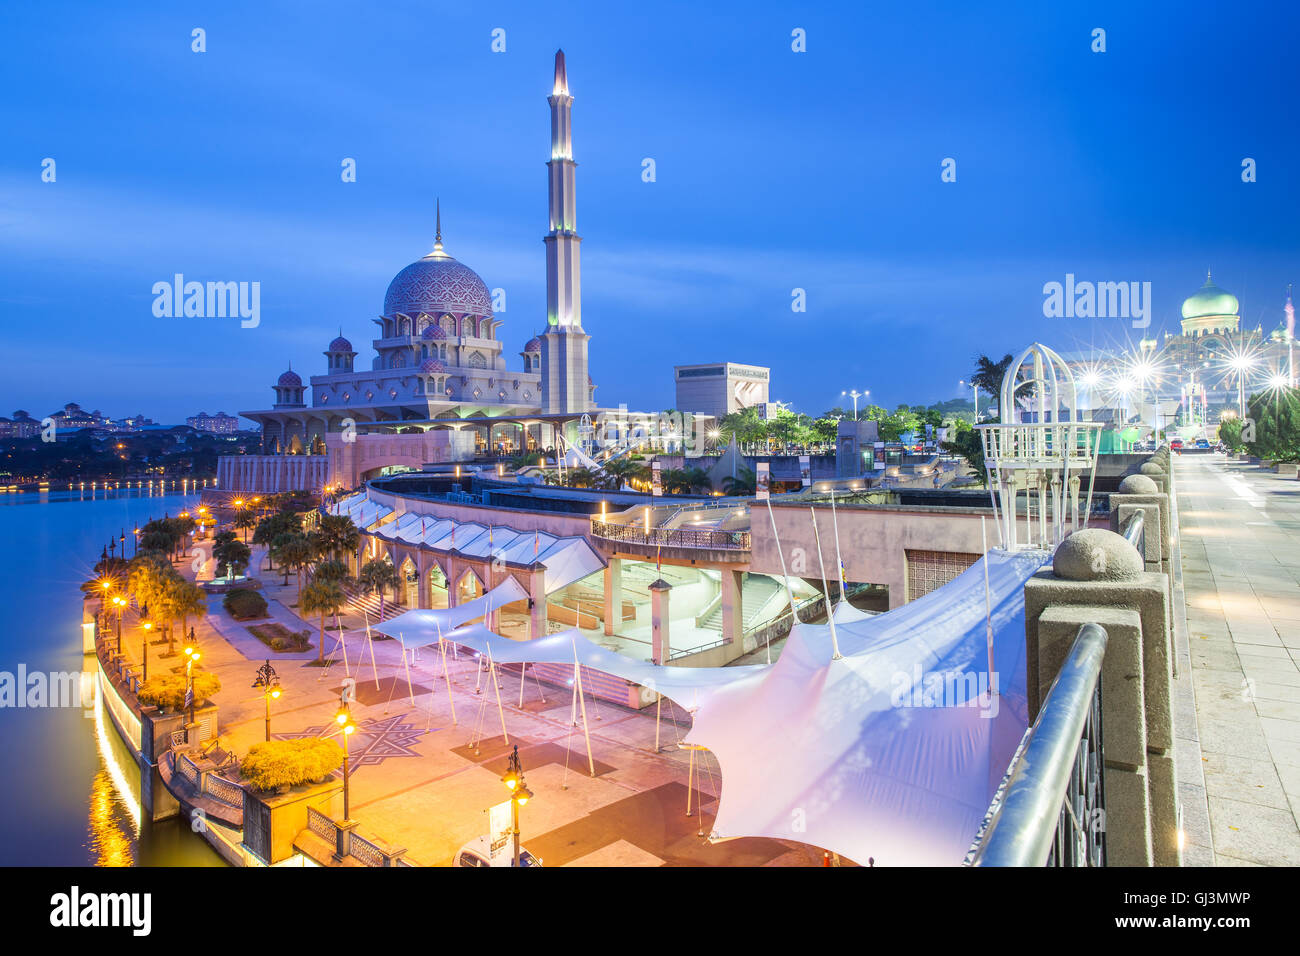 Rose belle mosquée Putra au crépuscule, Putrajaya, Malaisie, le 11 août 2016. Photo Stock